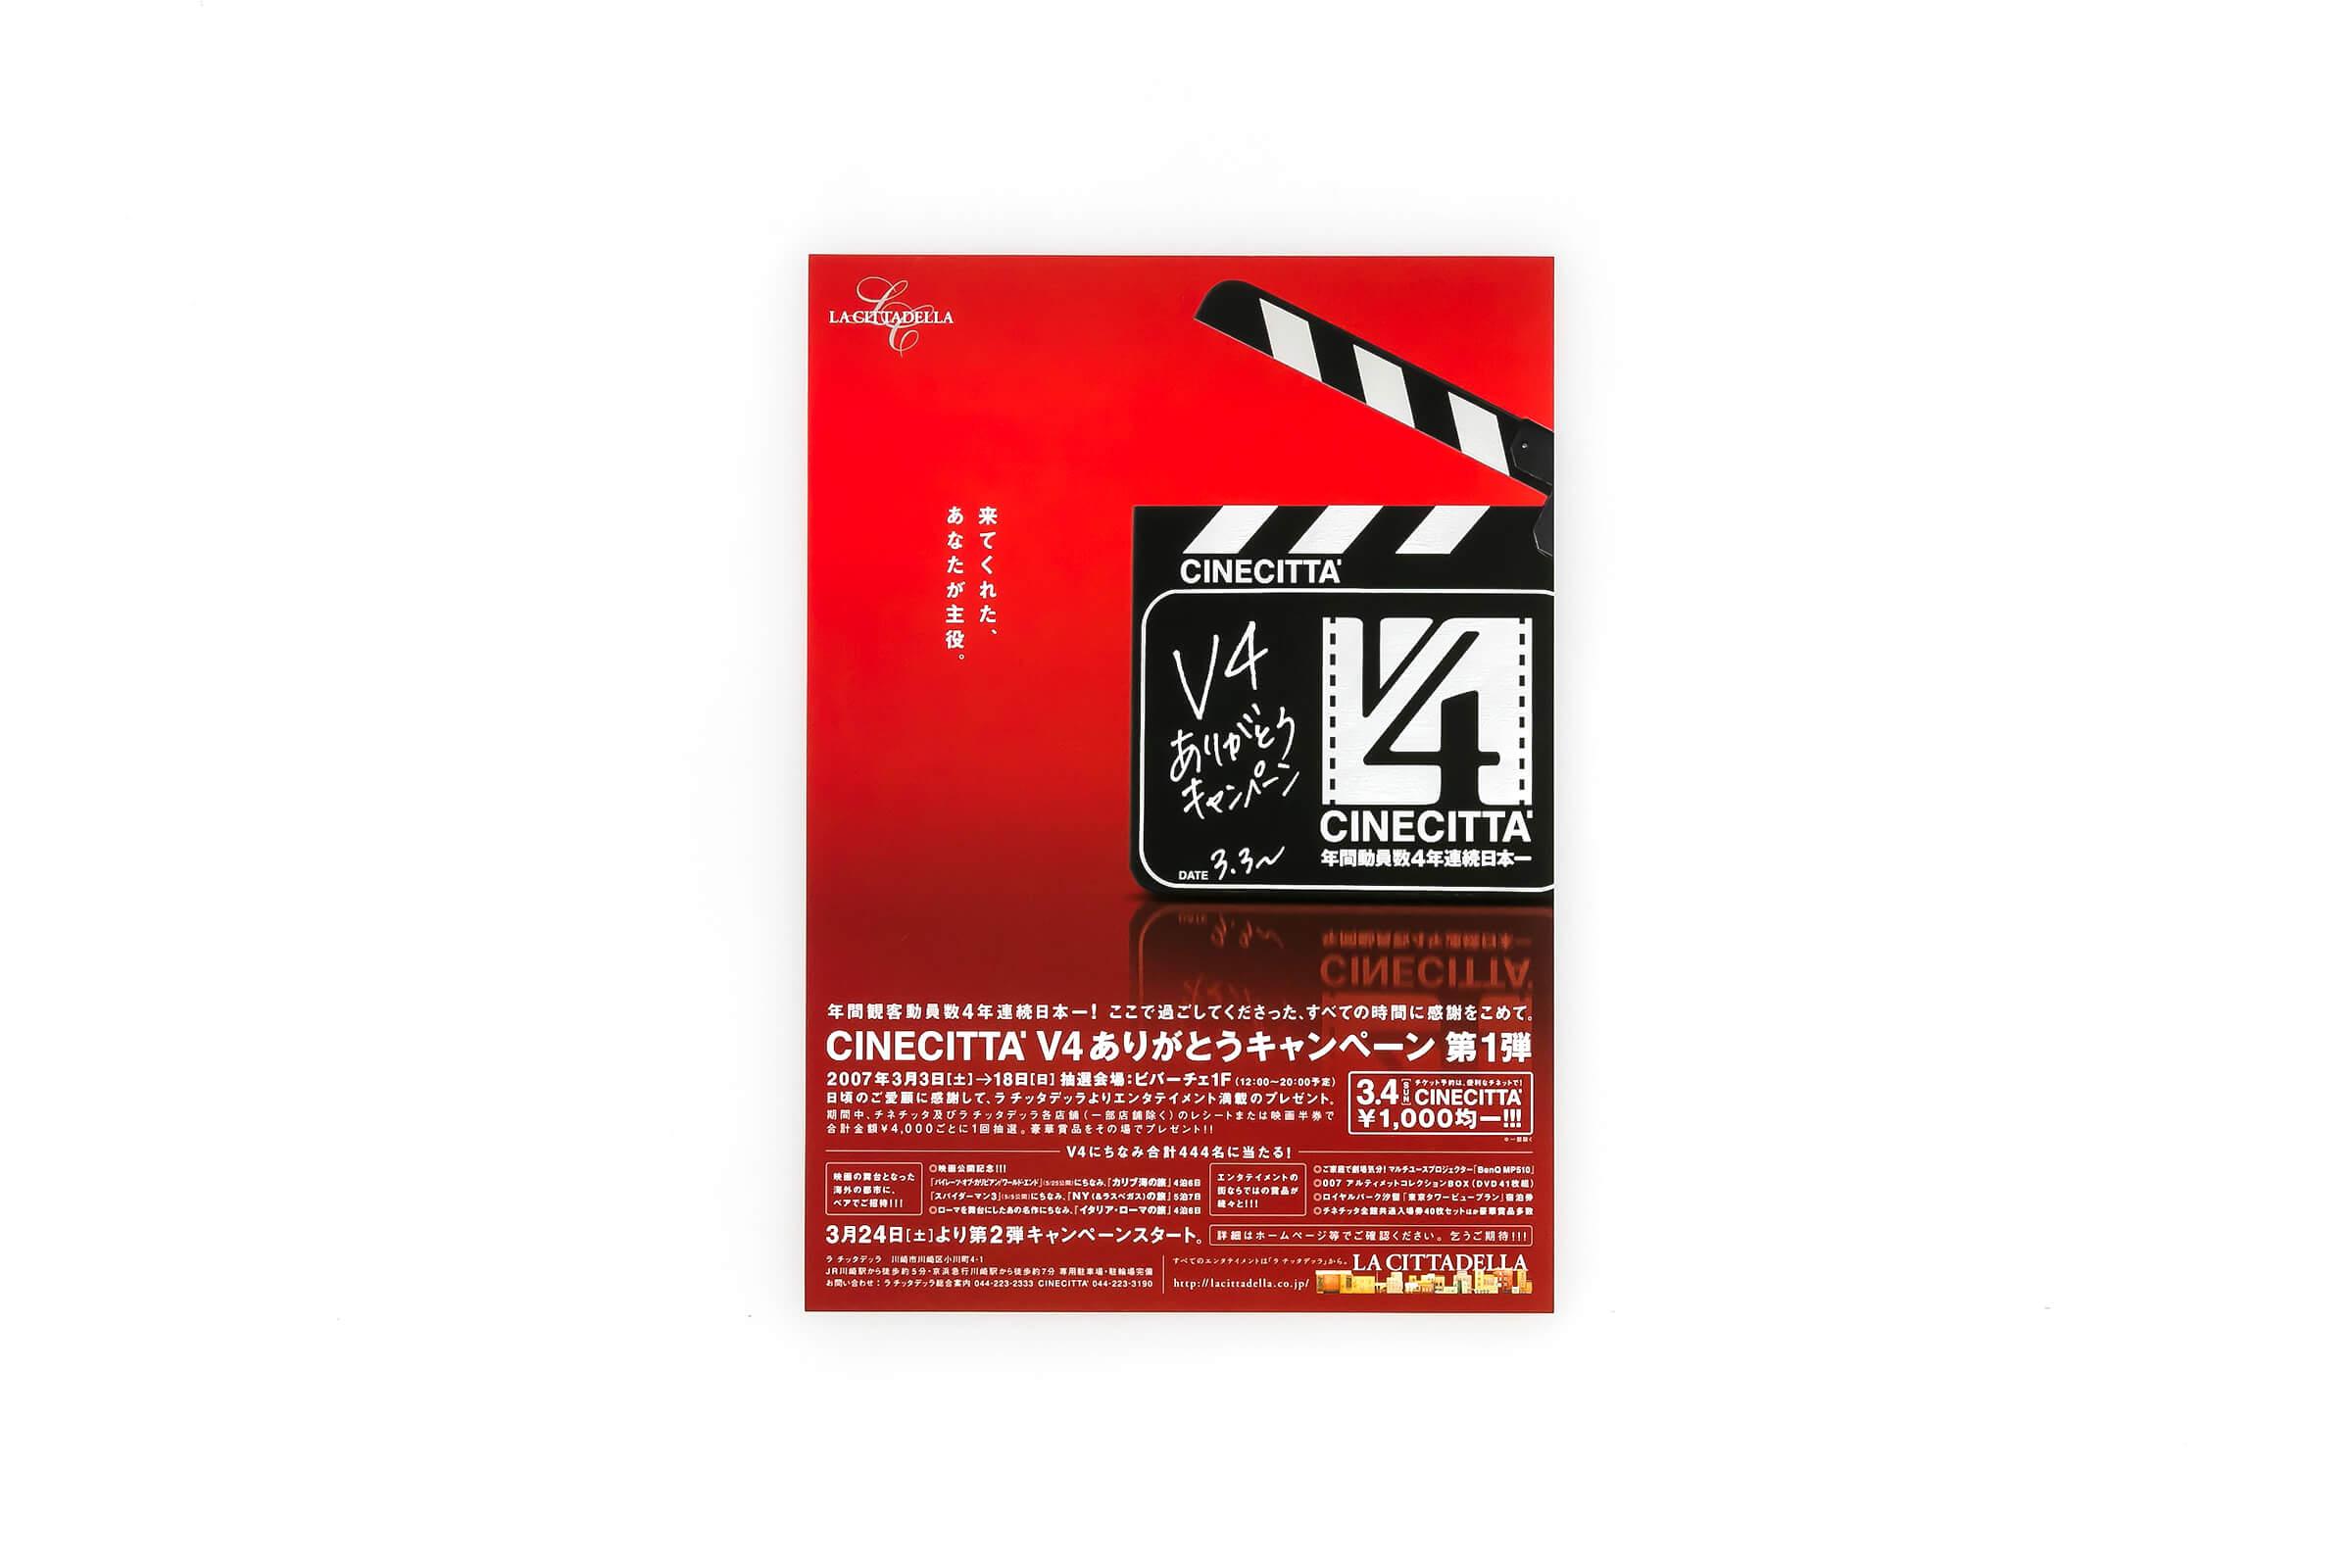 CINECITTA' V4ありがとうキャンペーンポスター